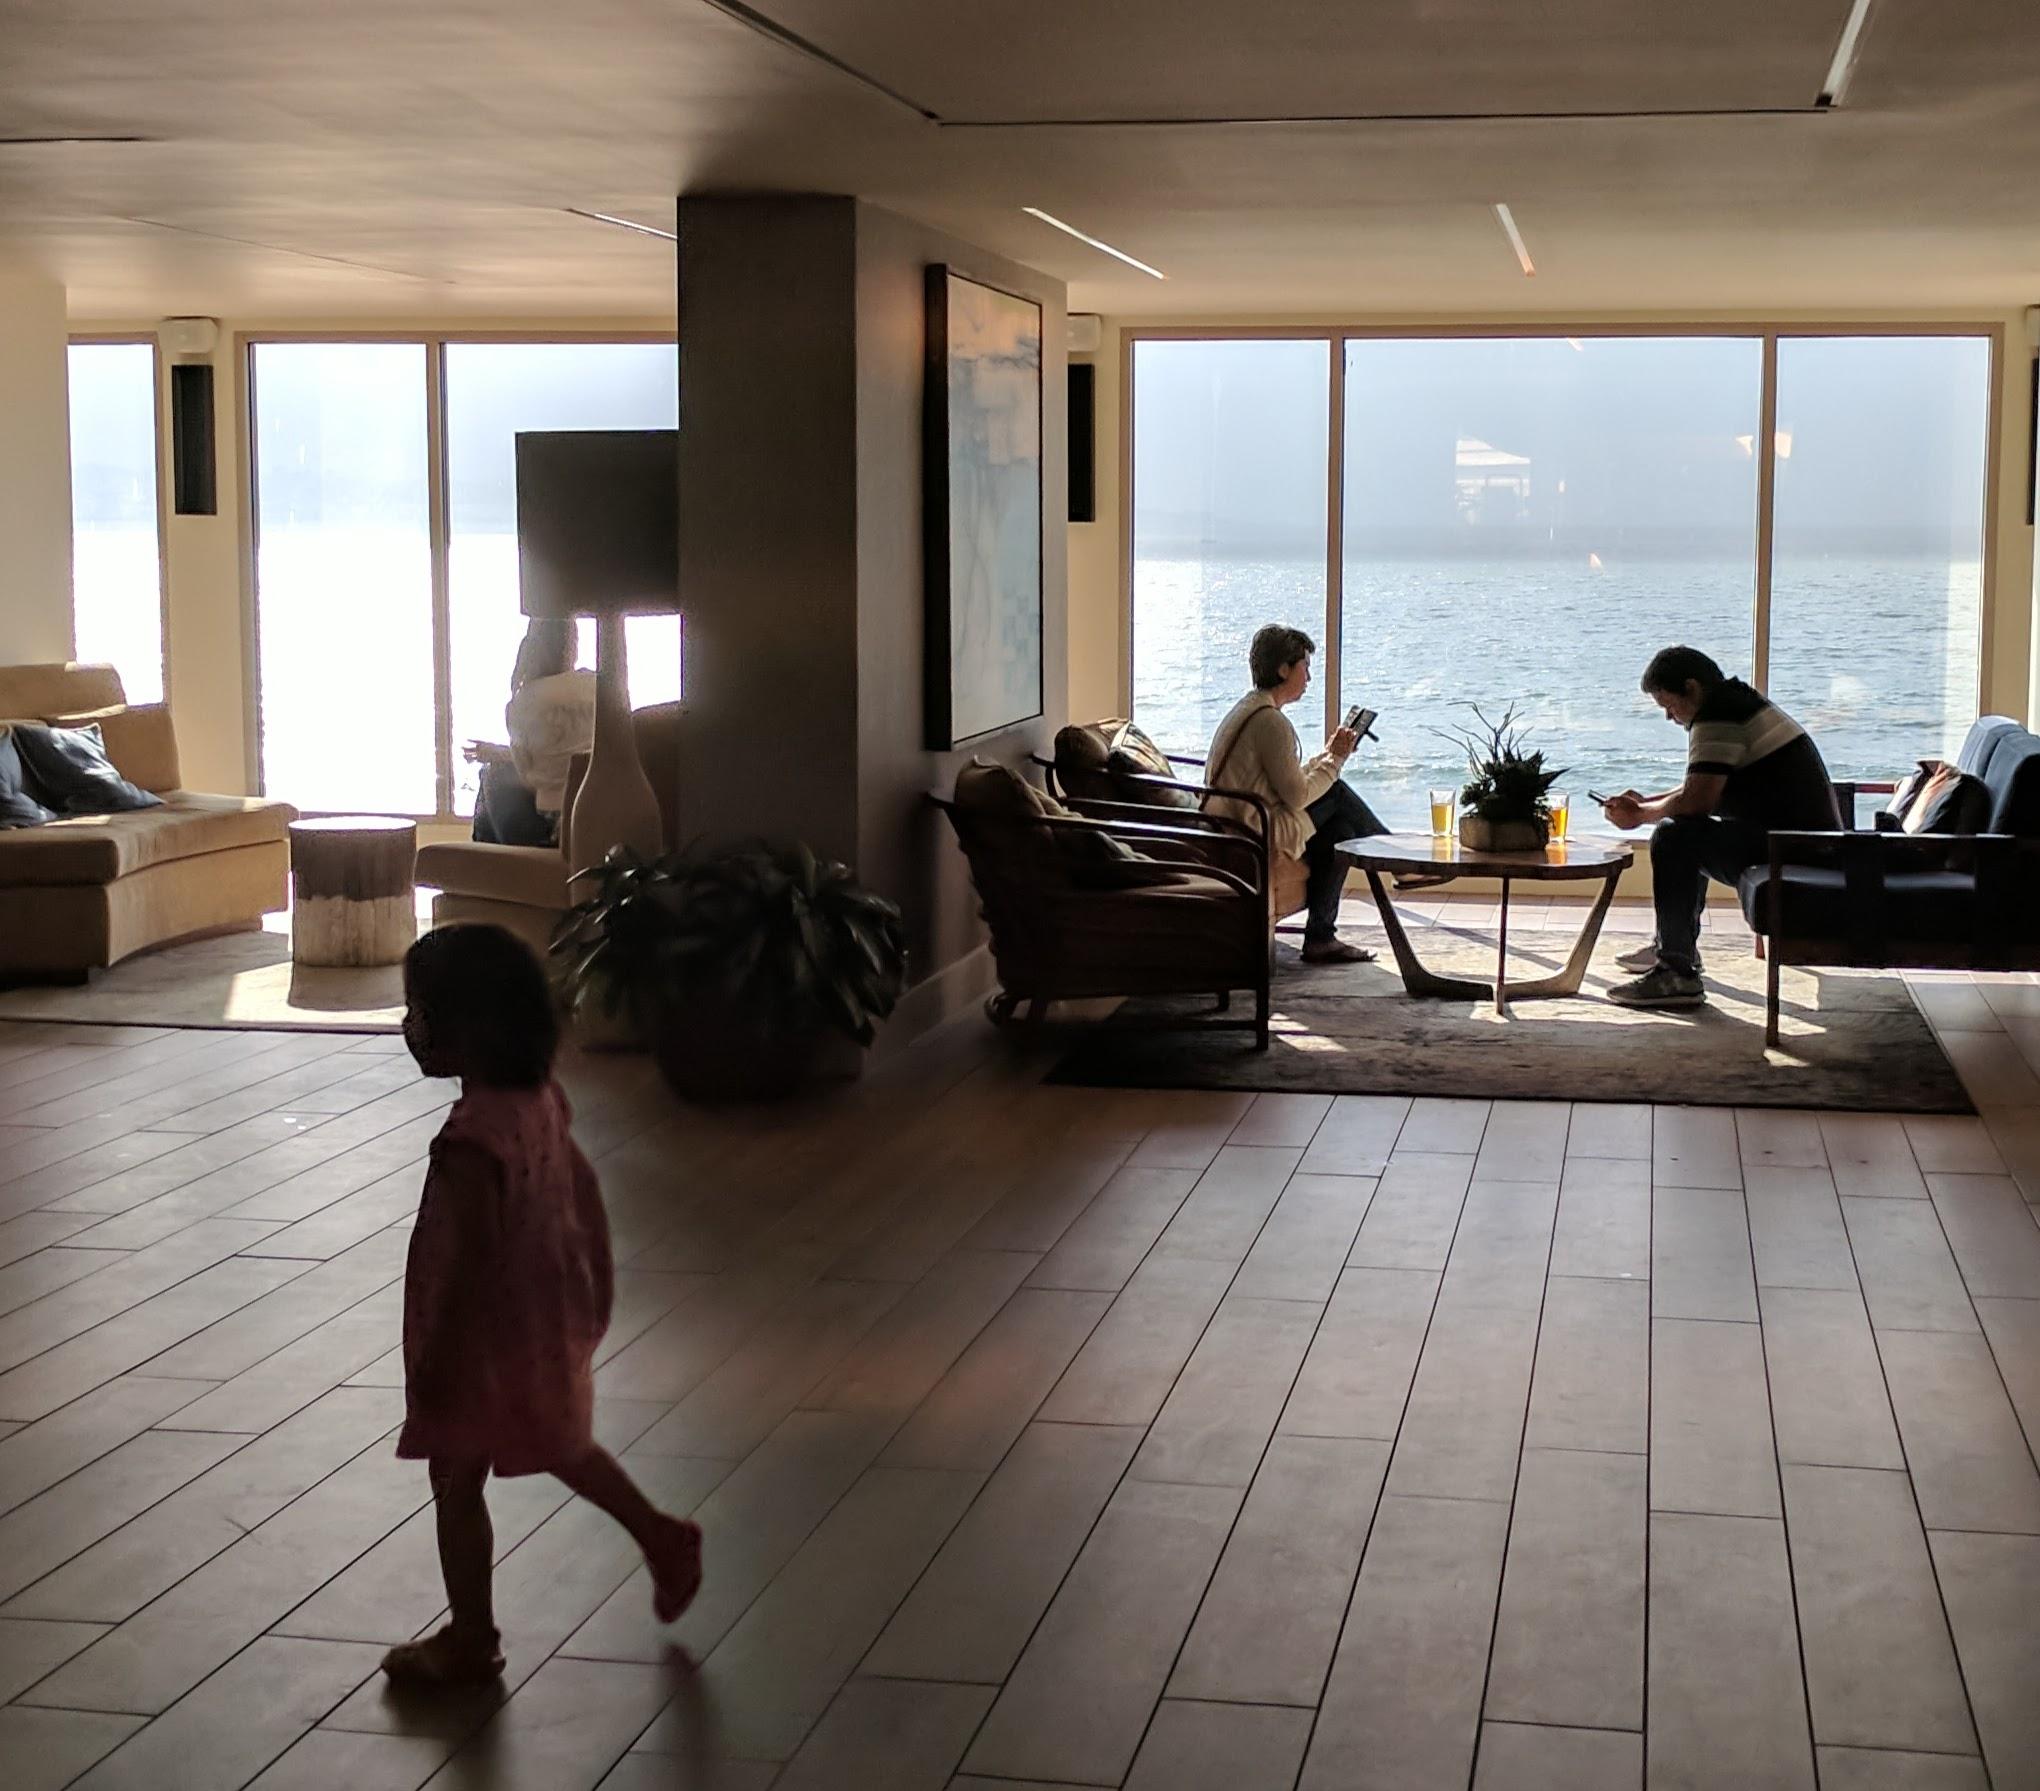 호텔 로비에서 보이는 바닷가